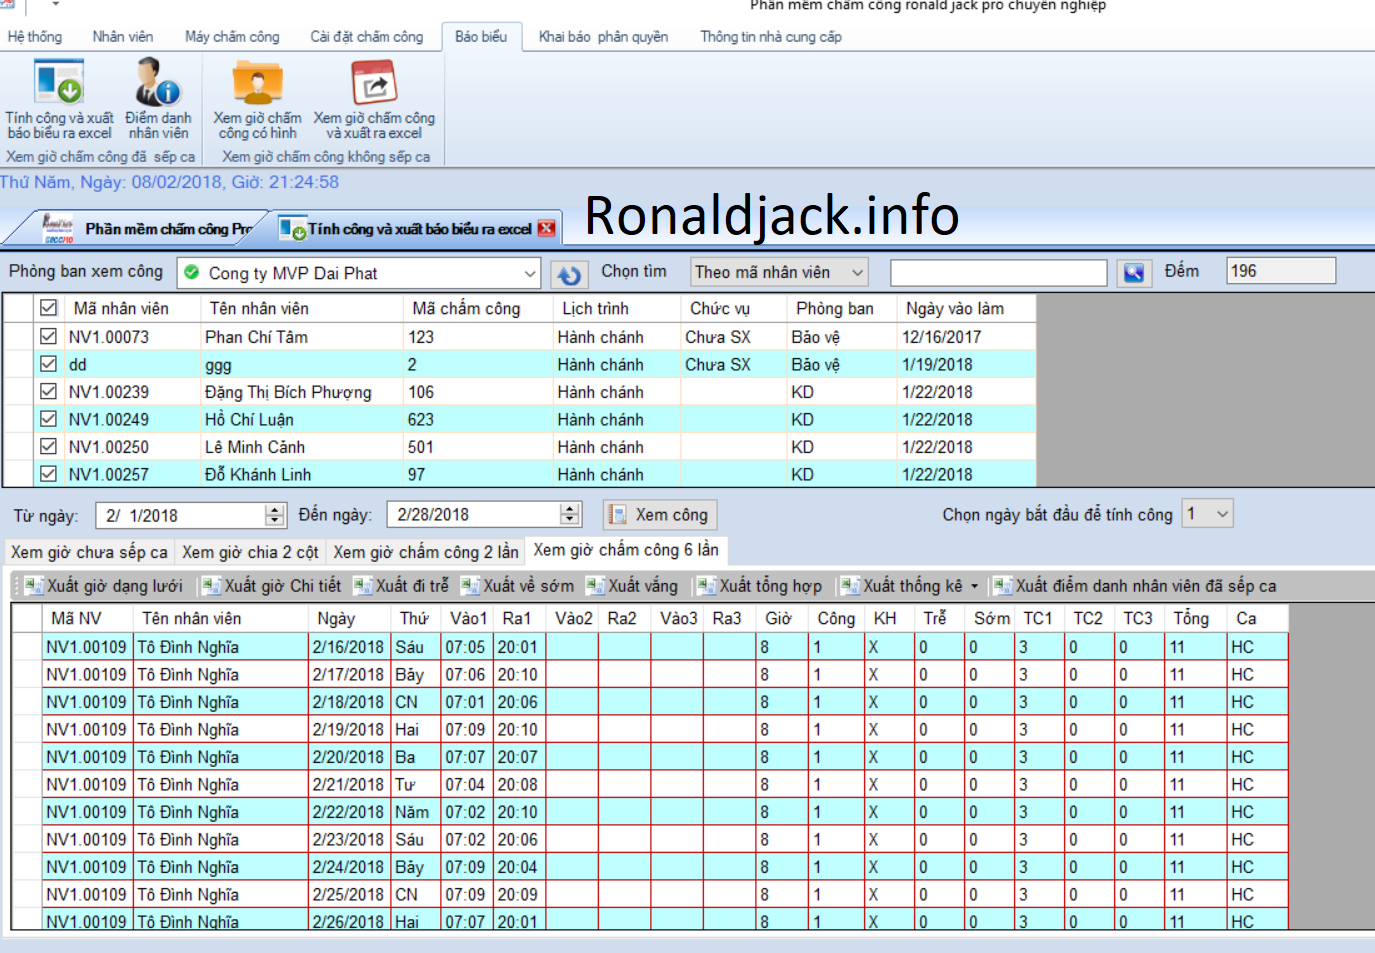 phần mềm chấm công ronald jack software xem công xuất báo cáo